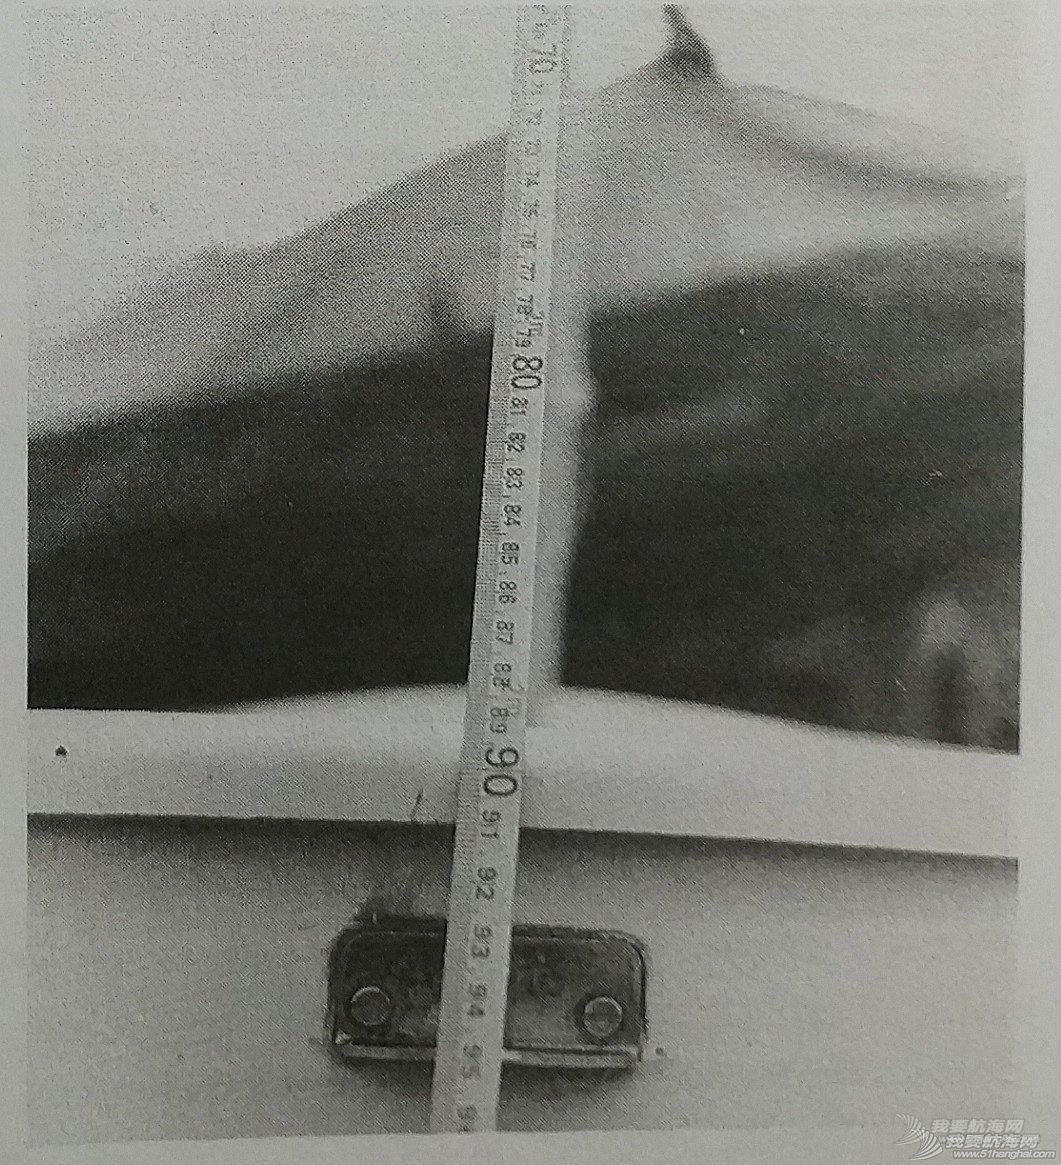 桅杆倾斜,荷兰,英国,阿根廷 《乐观级帆船竞赛手册》---第三部分---7 装备与调整